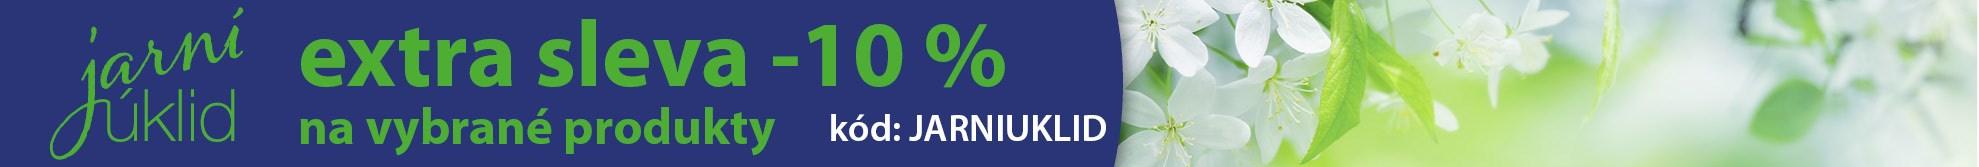 950x80_jarni_uklid-2.jpg